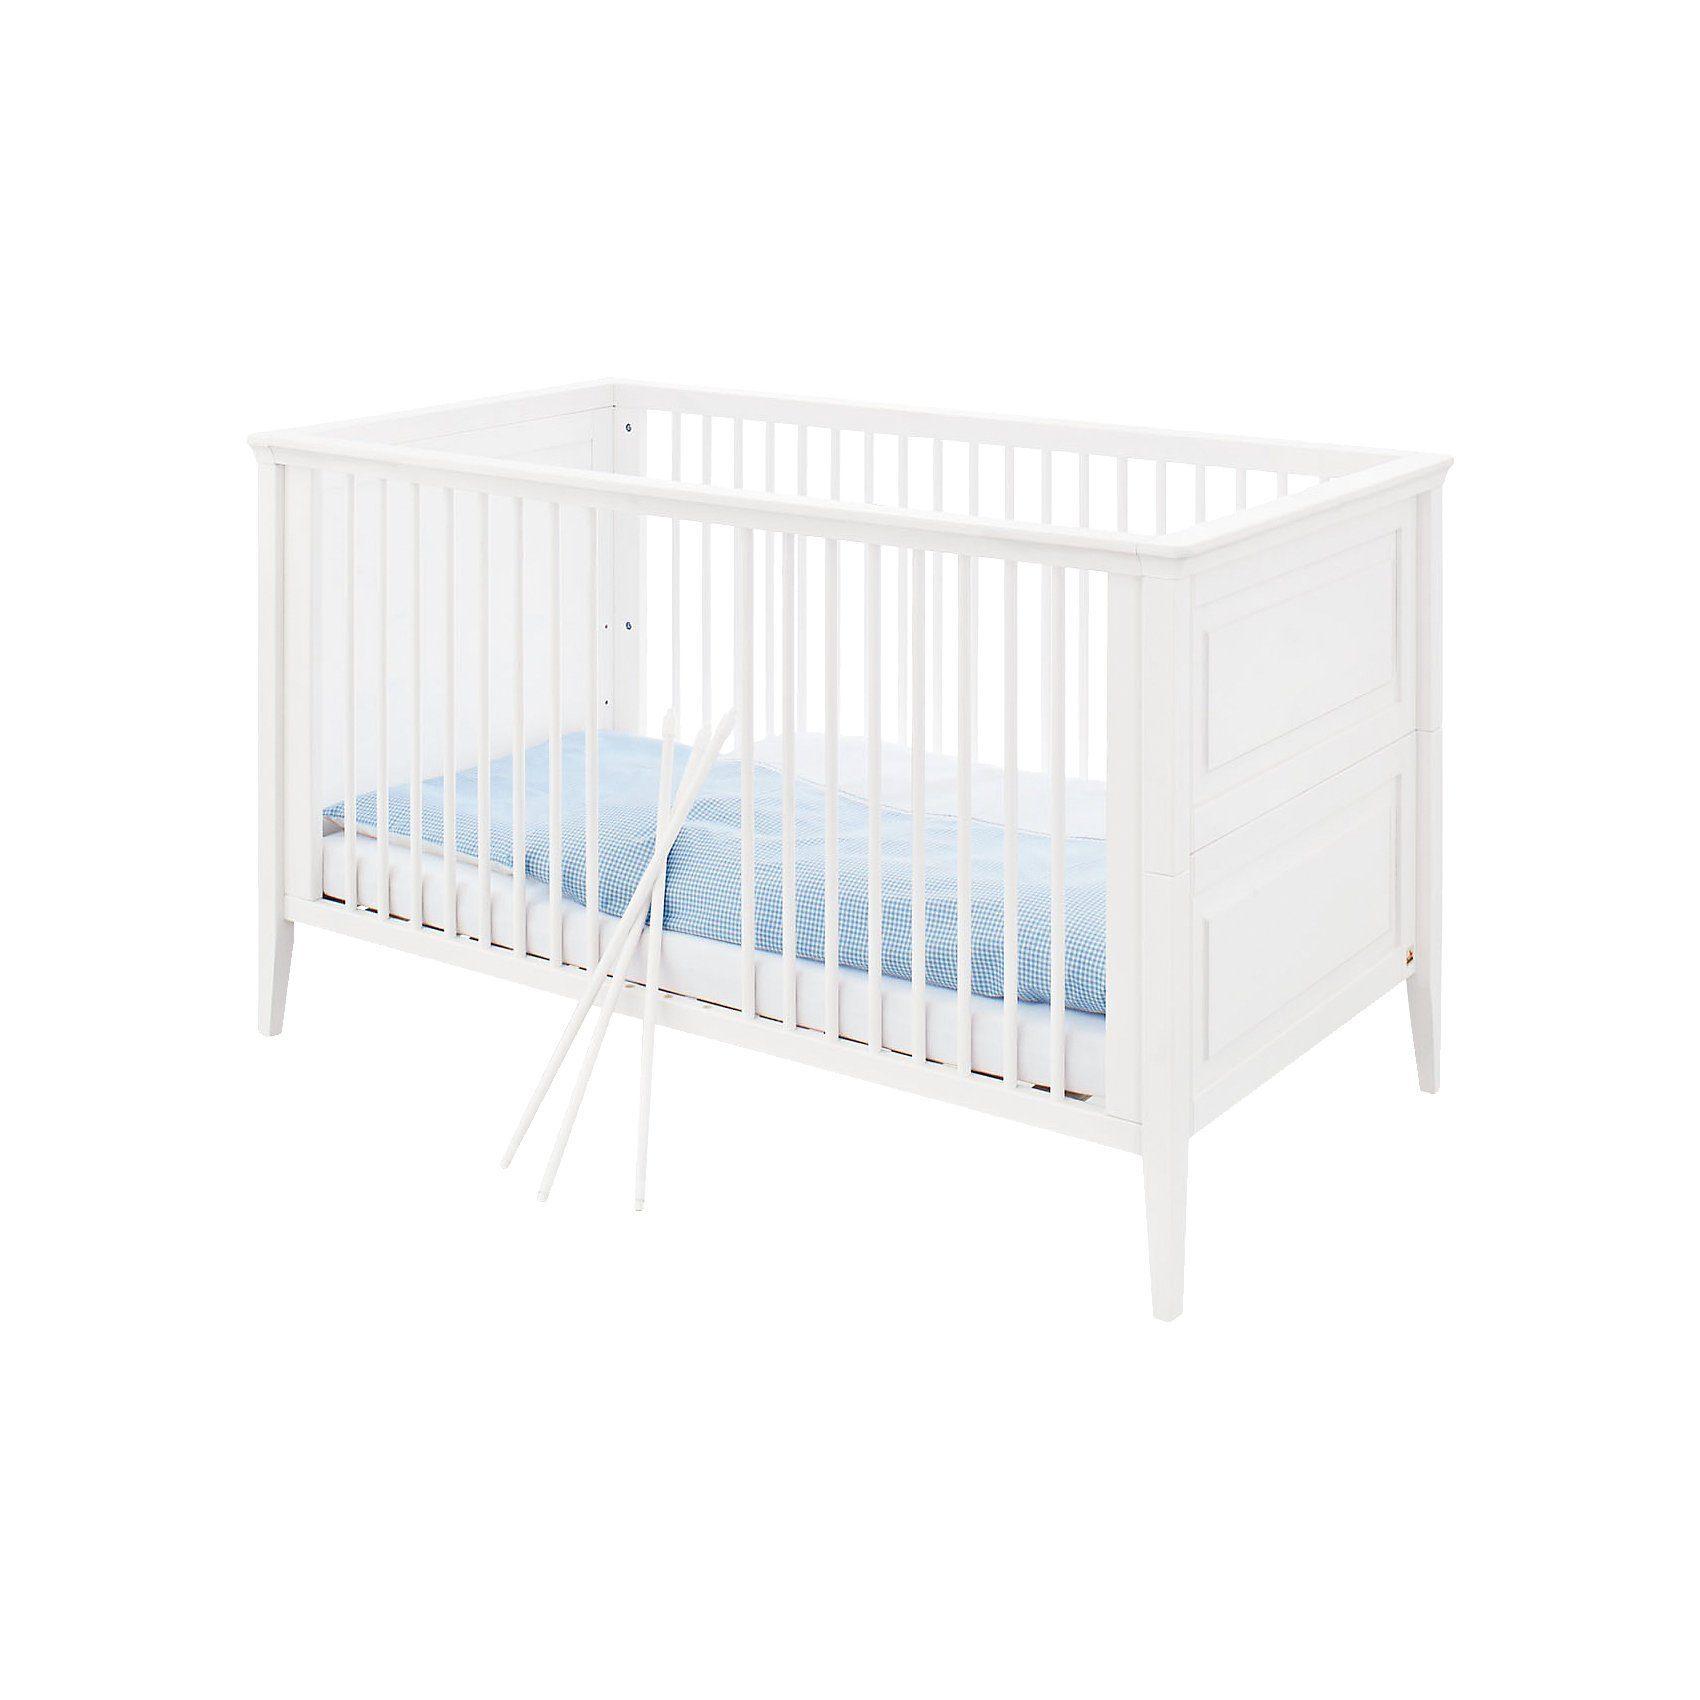 Pinolino Kinderbett SMILLA, Kiefer weiß lasiert, 70 x 140 cm